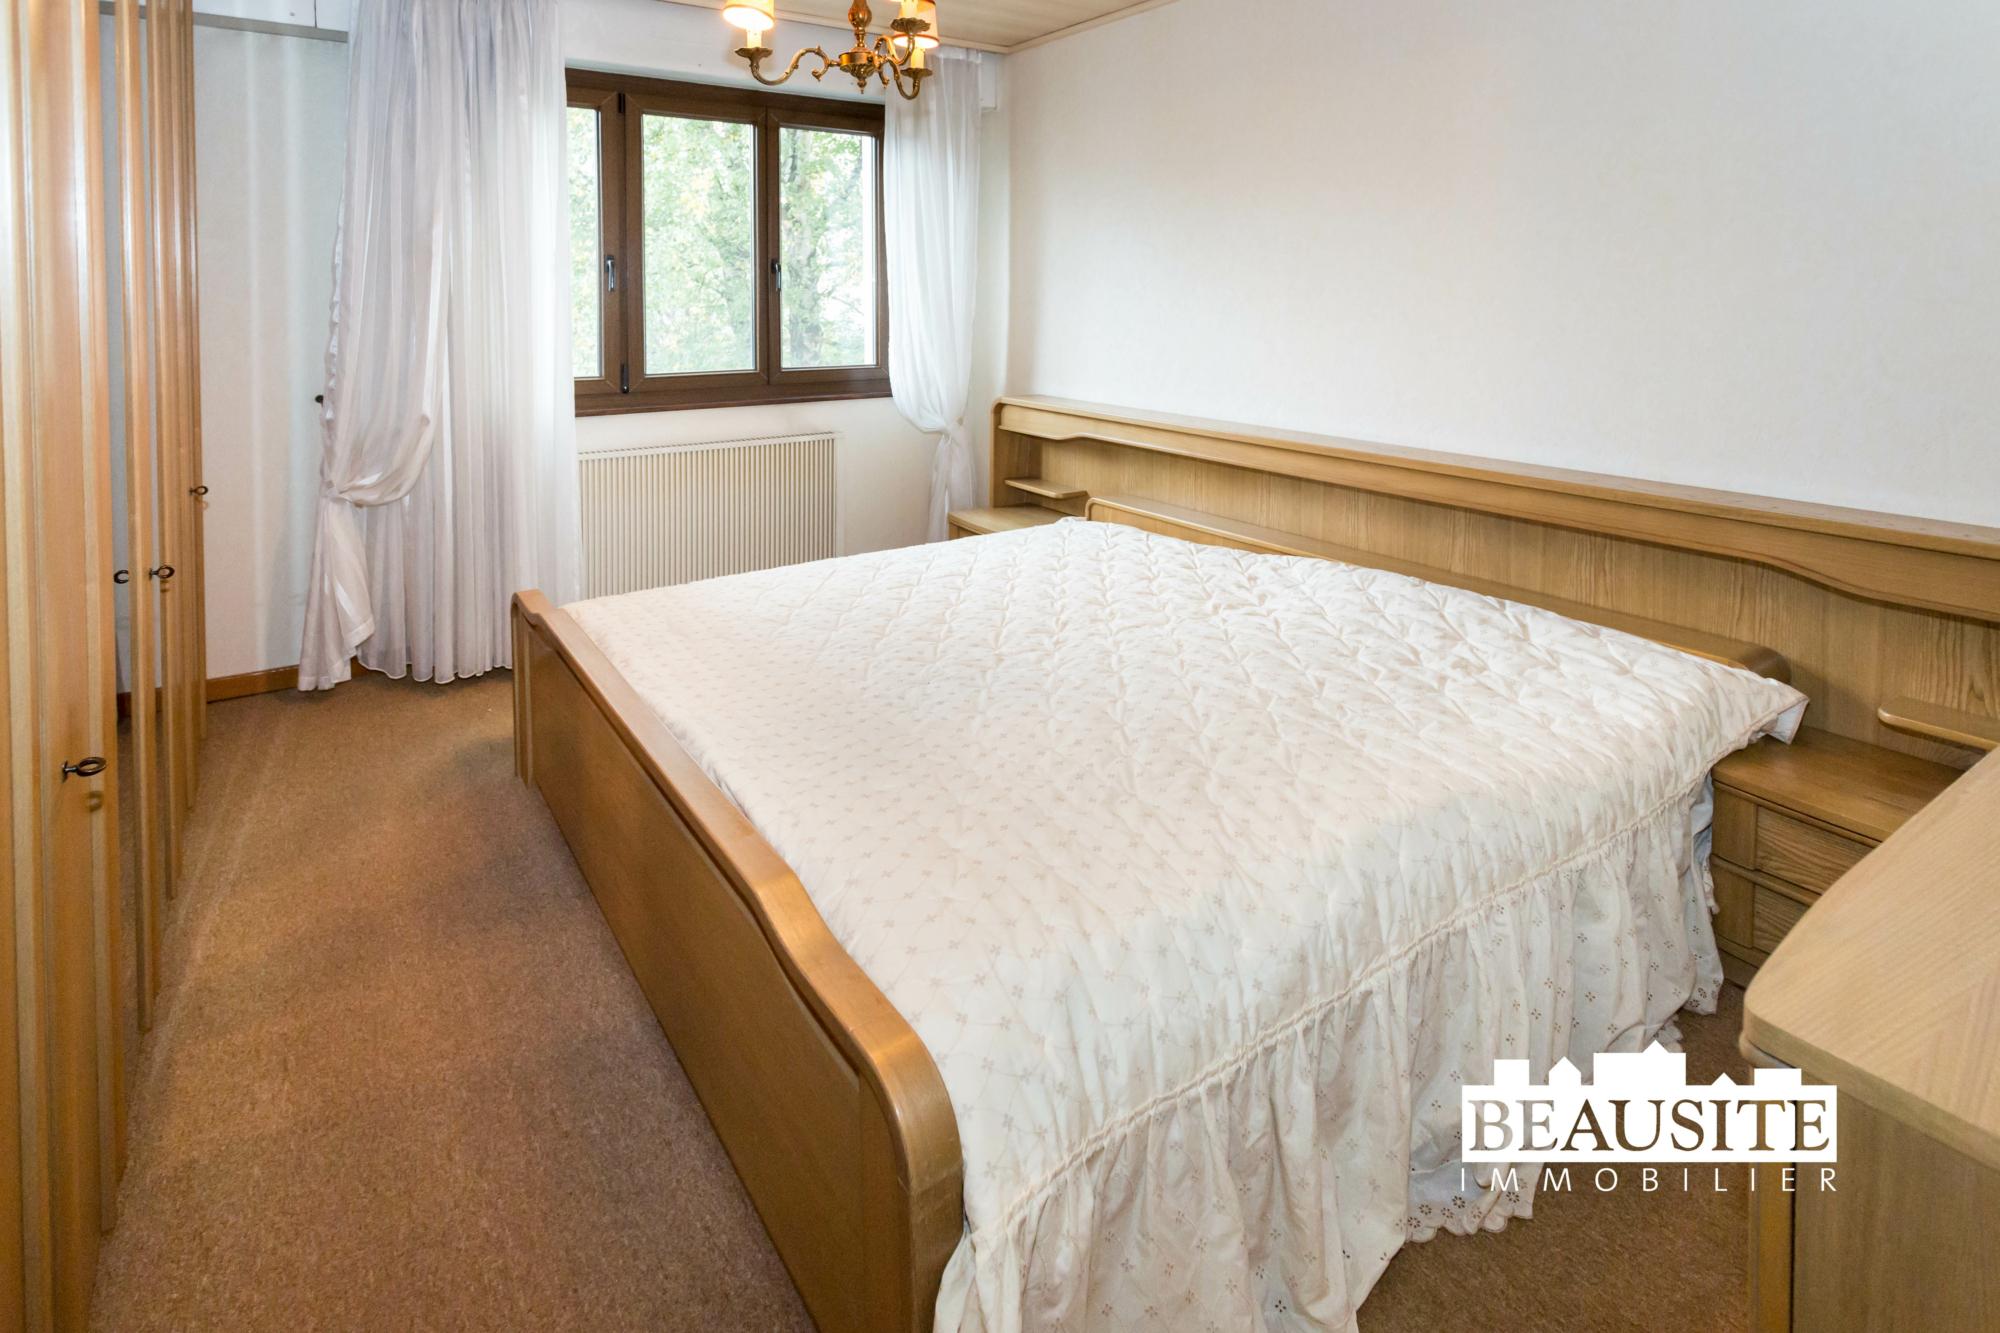 [Tonton] Un appartement familial avec balcon et garage - Neudorf / rue Saint-Amarin - nos ventes - Beausite Immobilier 13